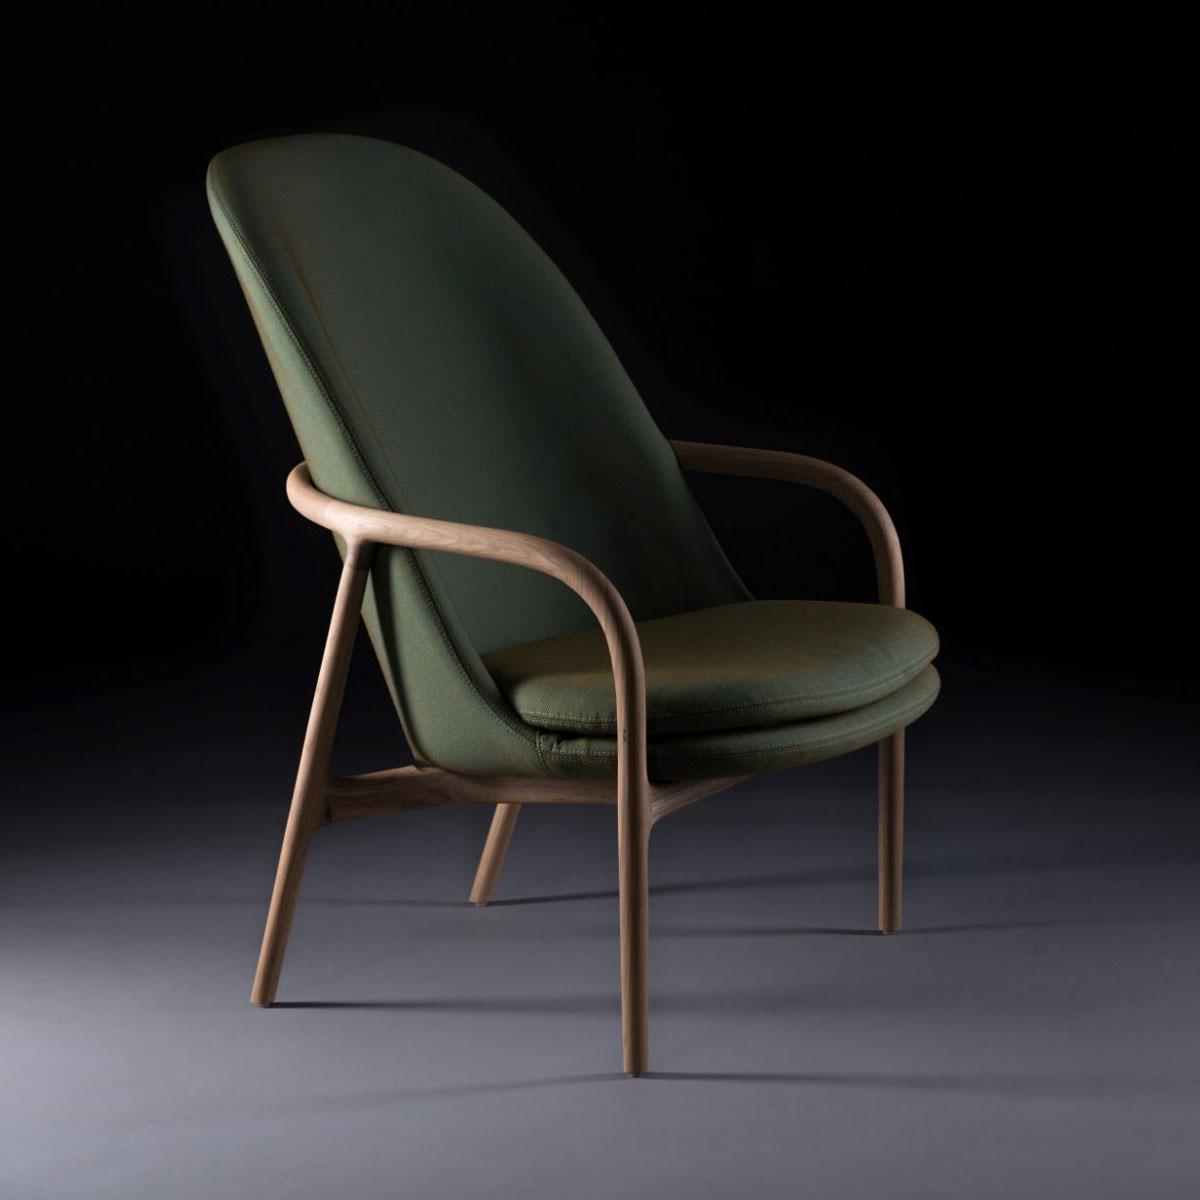 Sillon Neva Lounge Alto, realizado en madera y tapicería de máxima calidad, artesano y elegante para Artisan